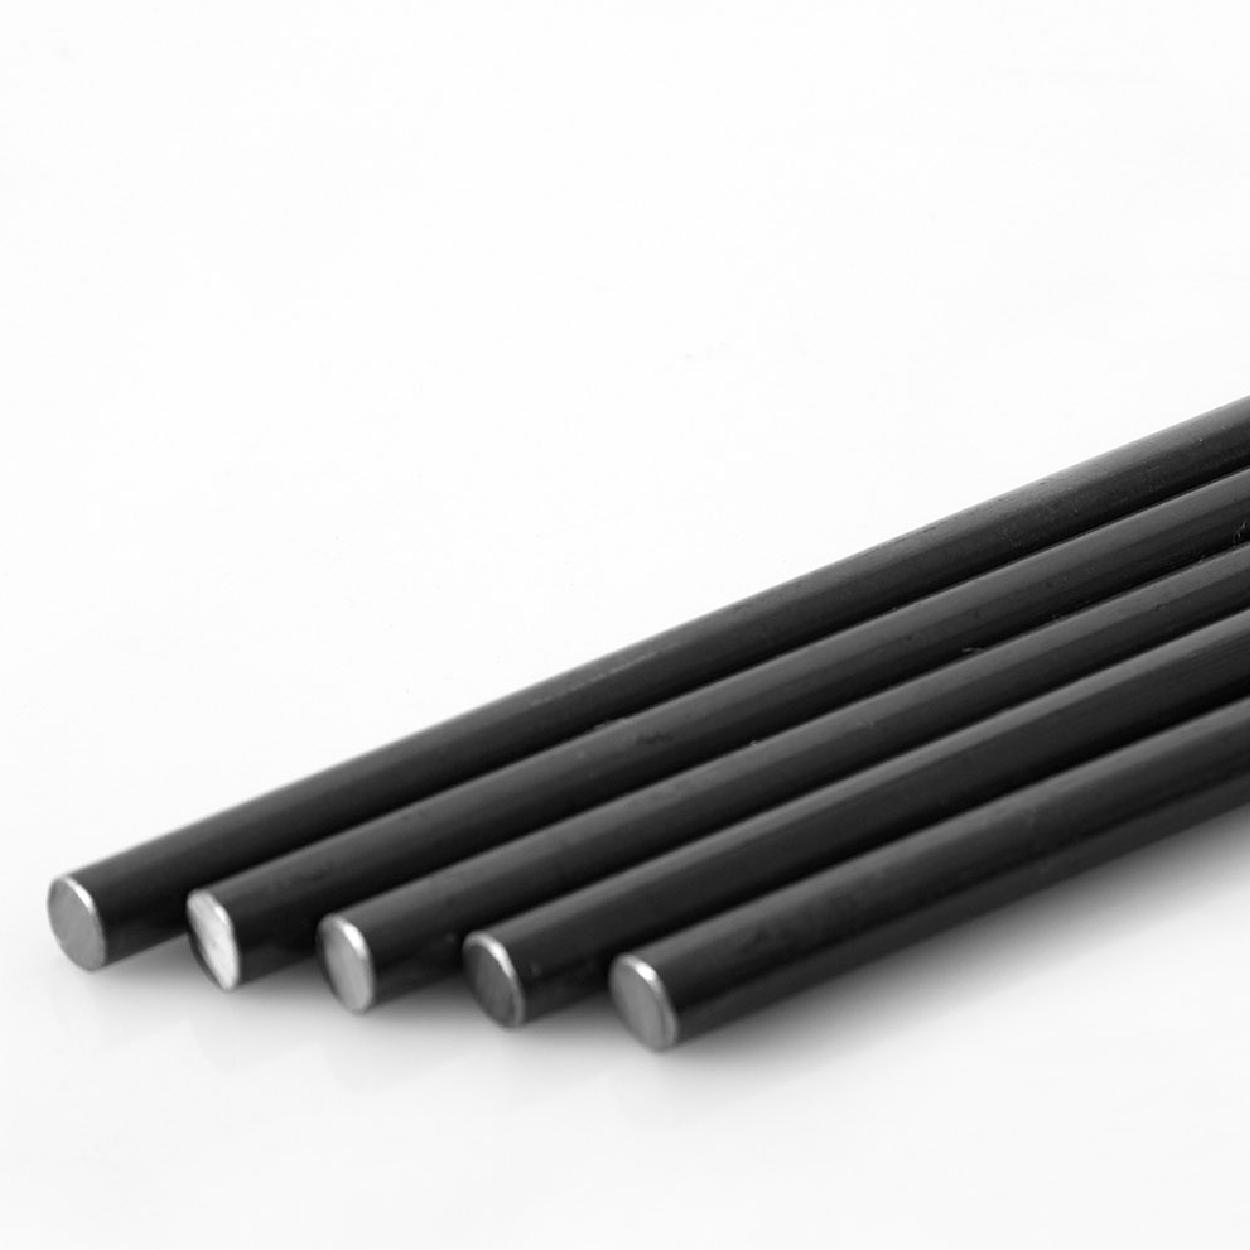 เหล็กเส้นกลม เอสซีจี ขนาด 9 มม. ความยาว 10 ม. (ตรง) 1